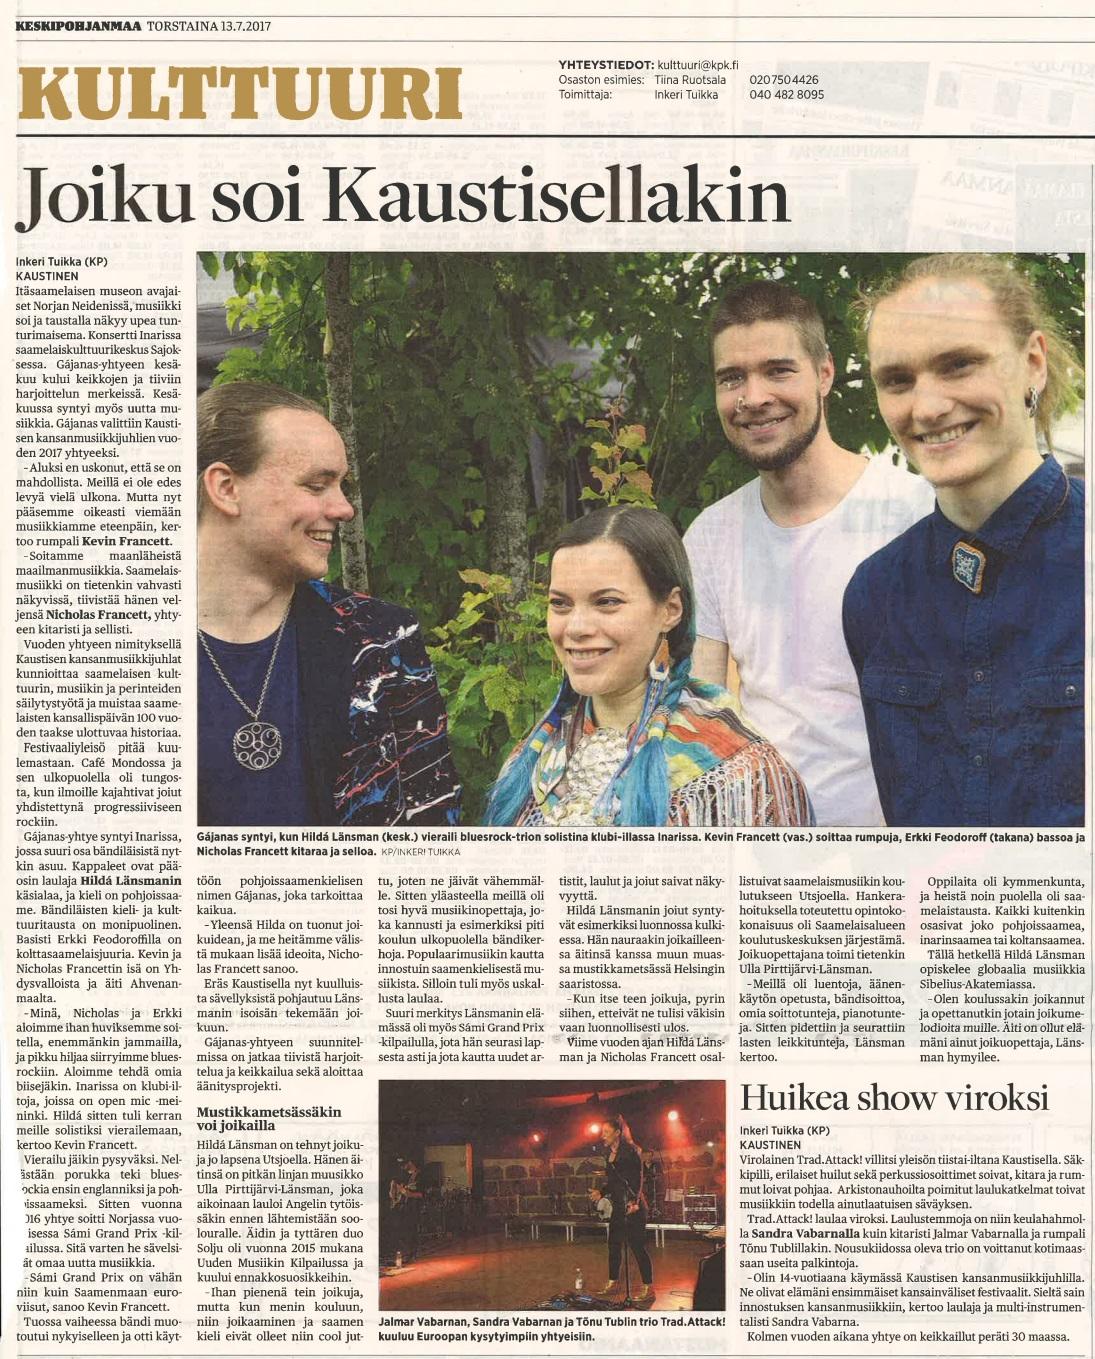 Keskipohjanmaa (Finland), 13.7.2017